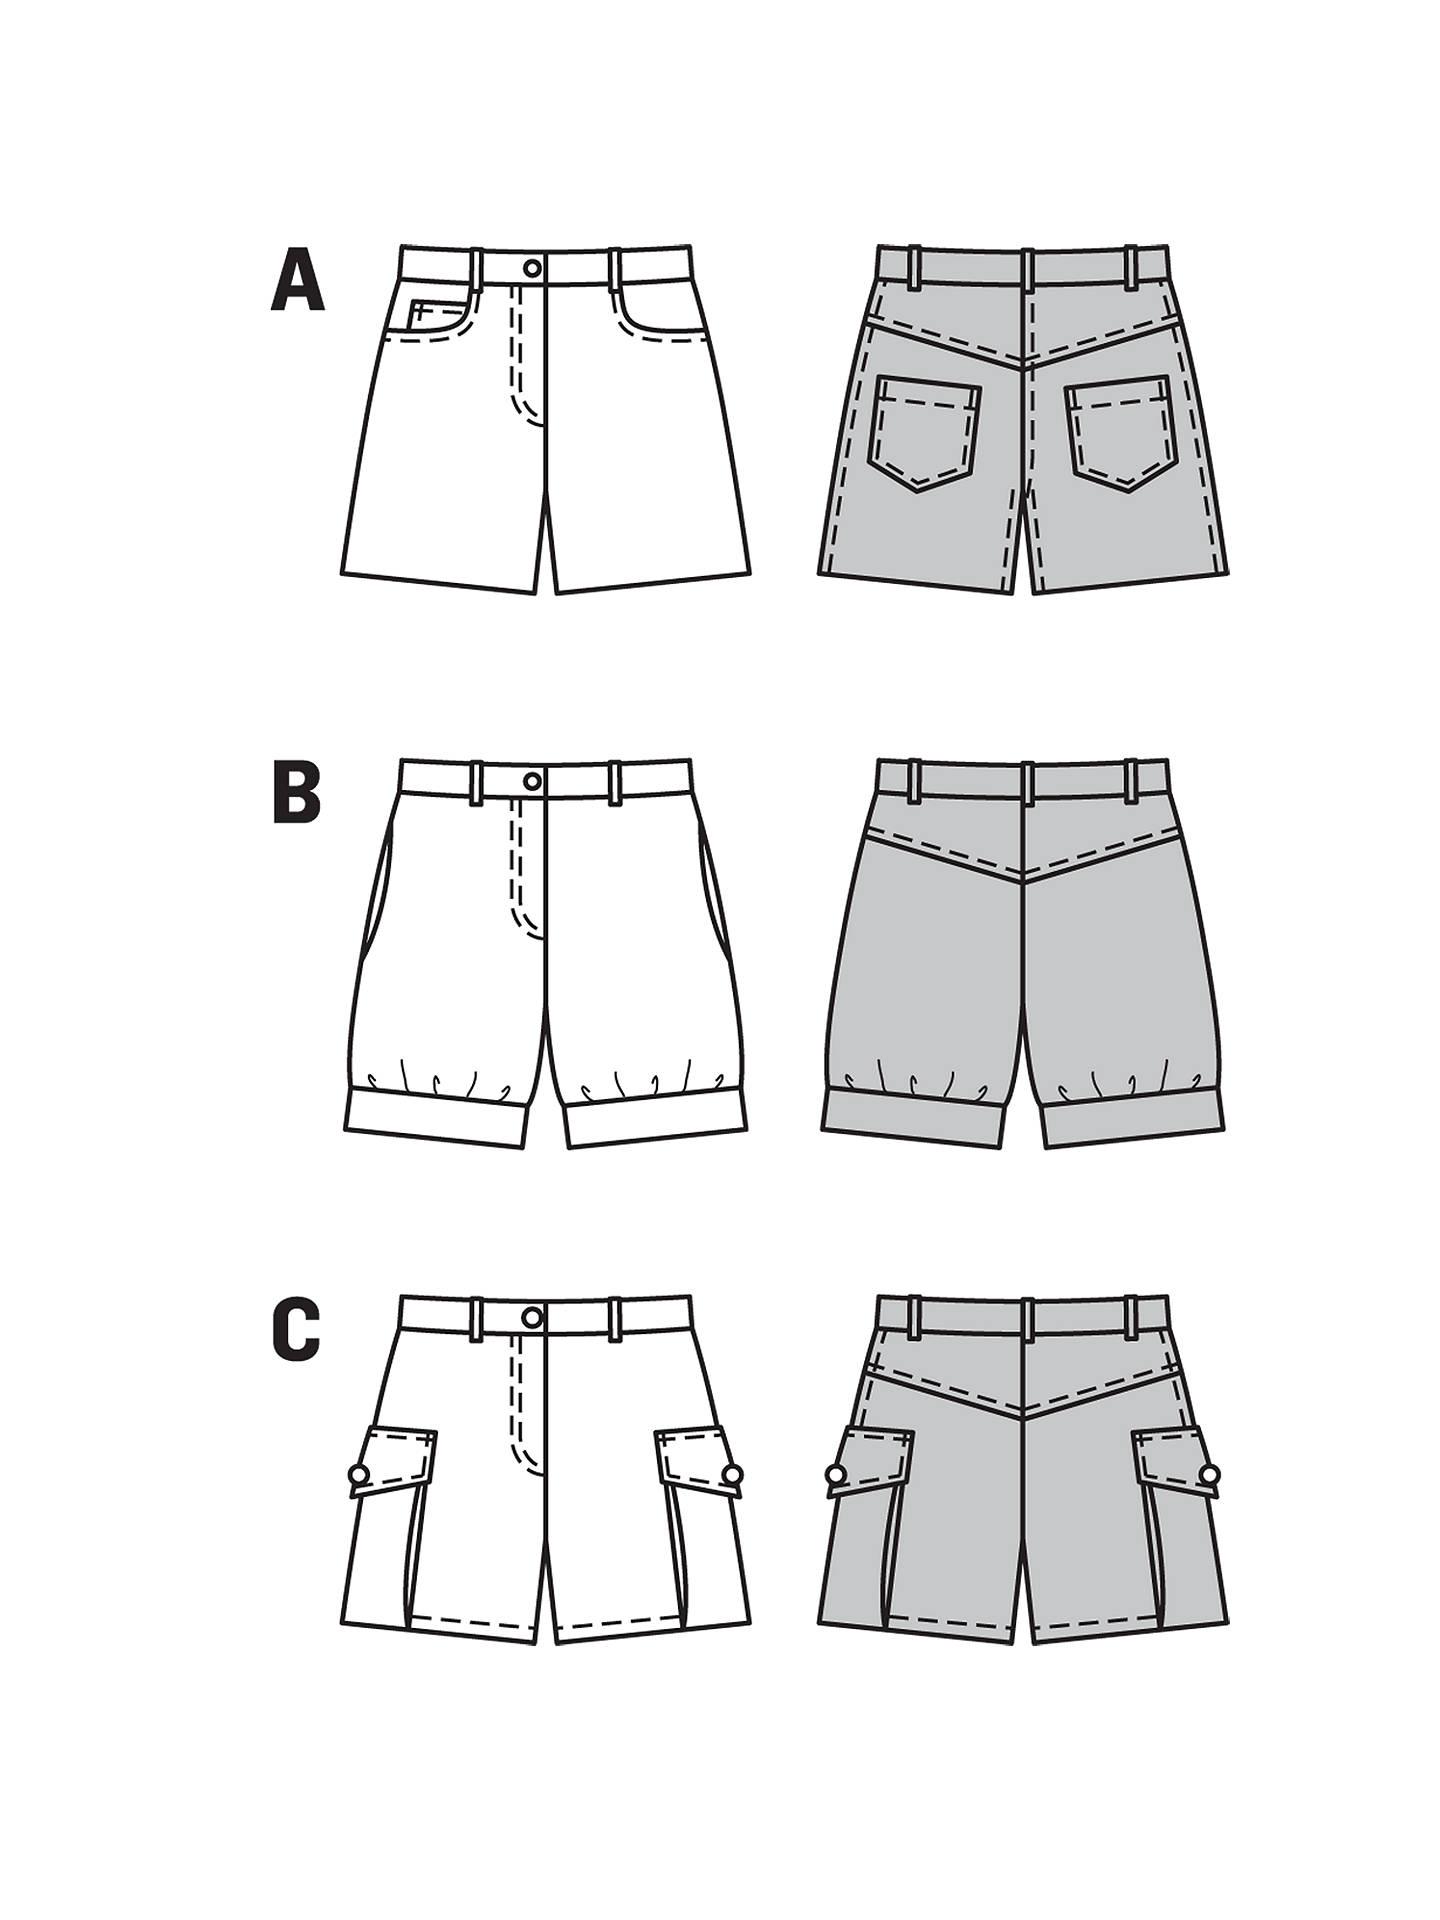 Burda Girls\' Shorts Sewing Pattern, 9481 at John Lewis & Partners